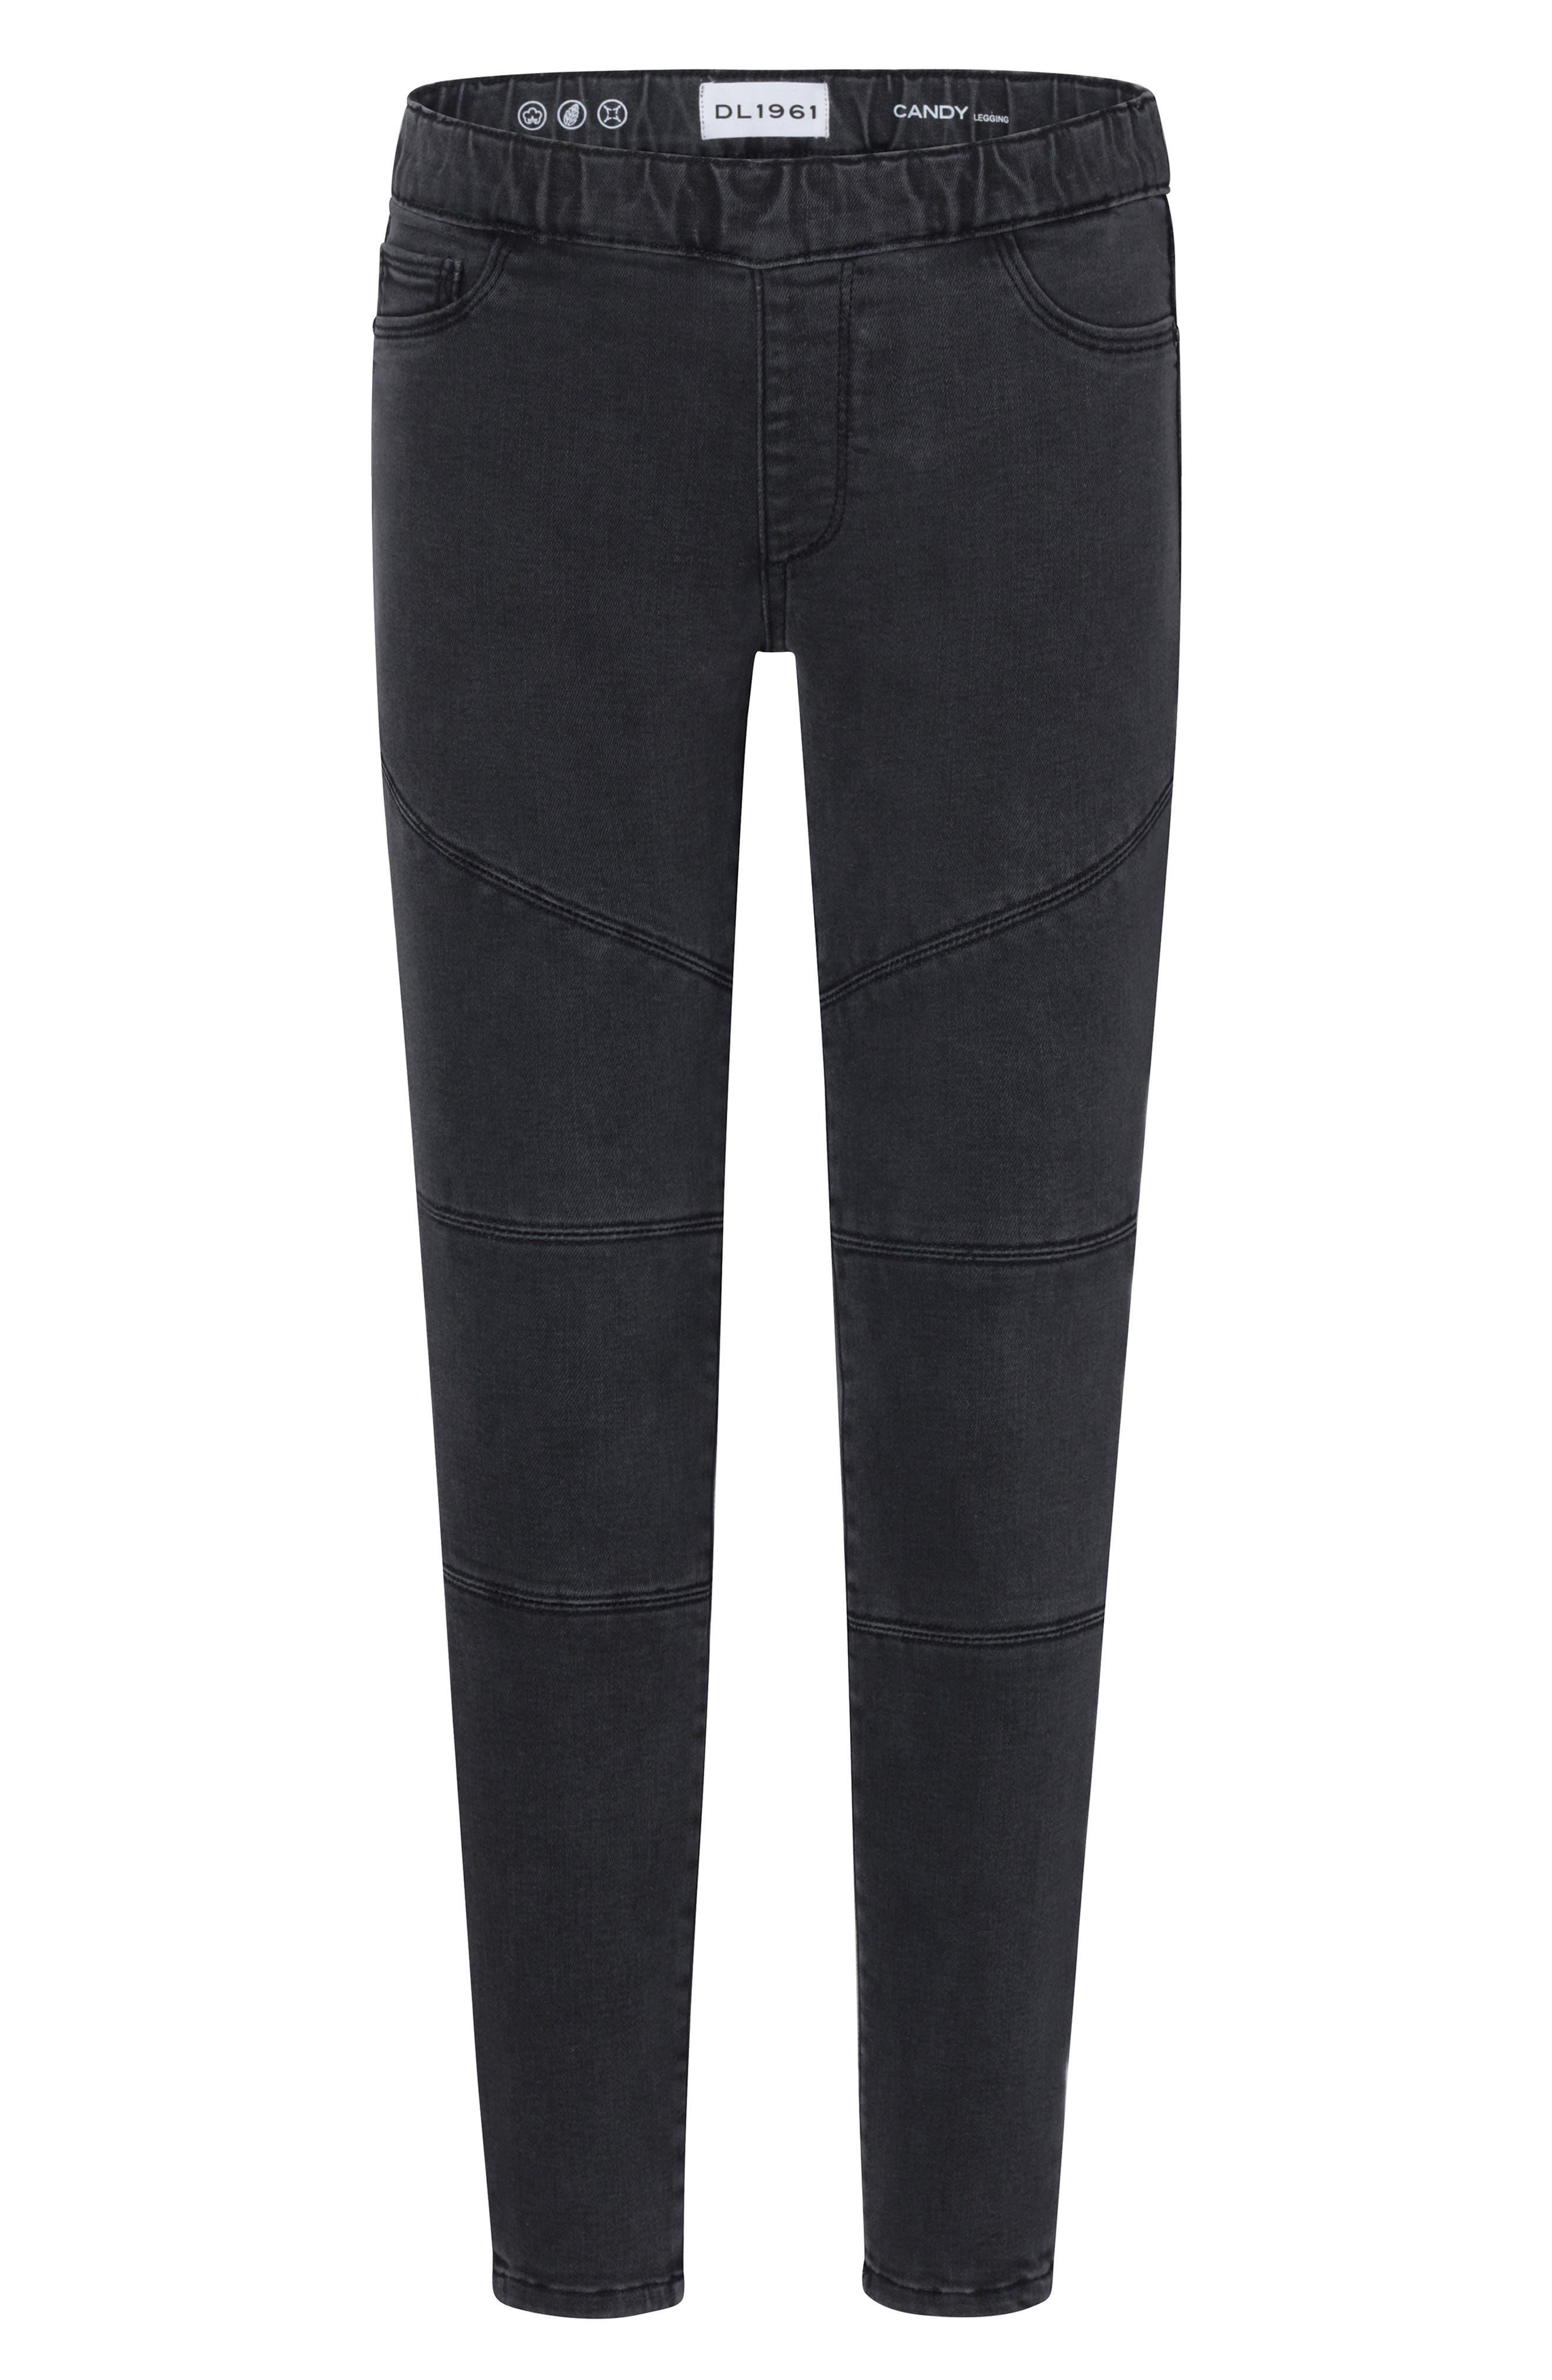 Toddler Girls Dl1961 PullOn Moto Leggings Size 3T  Black